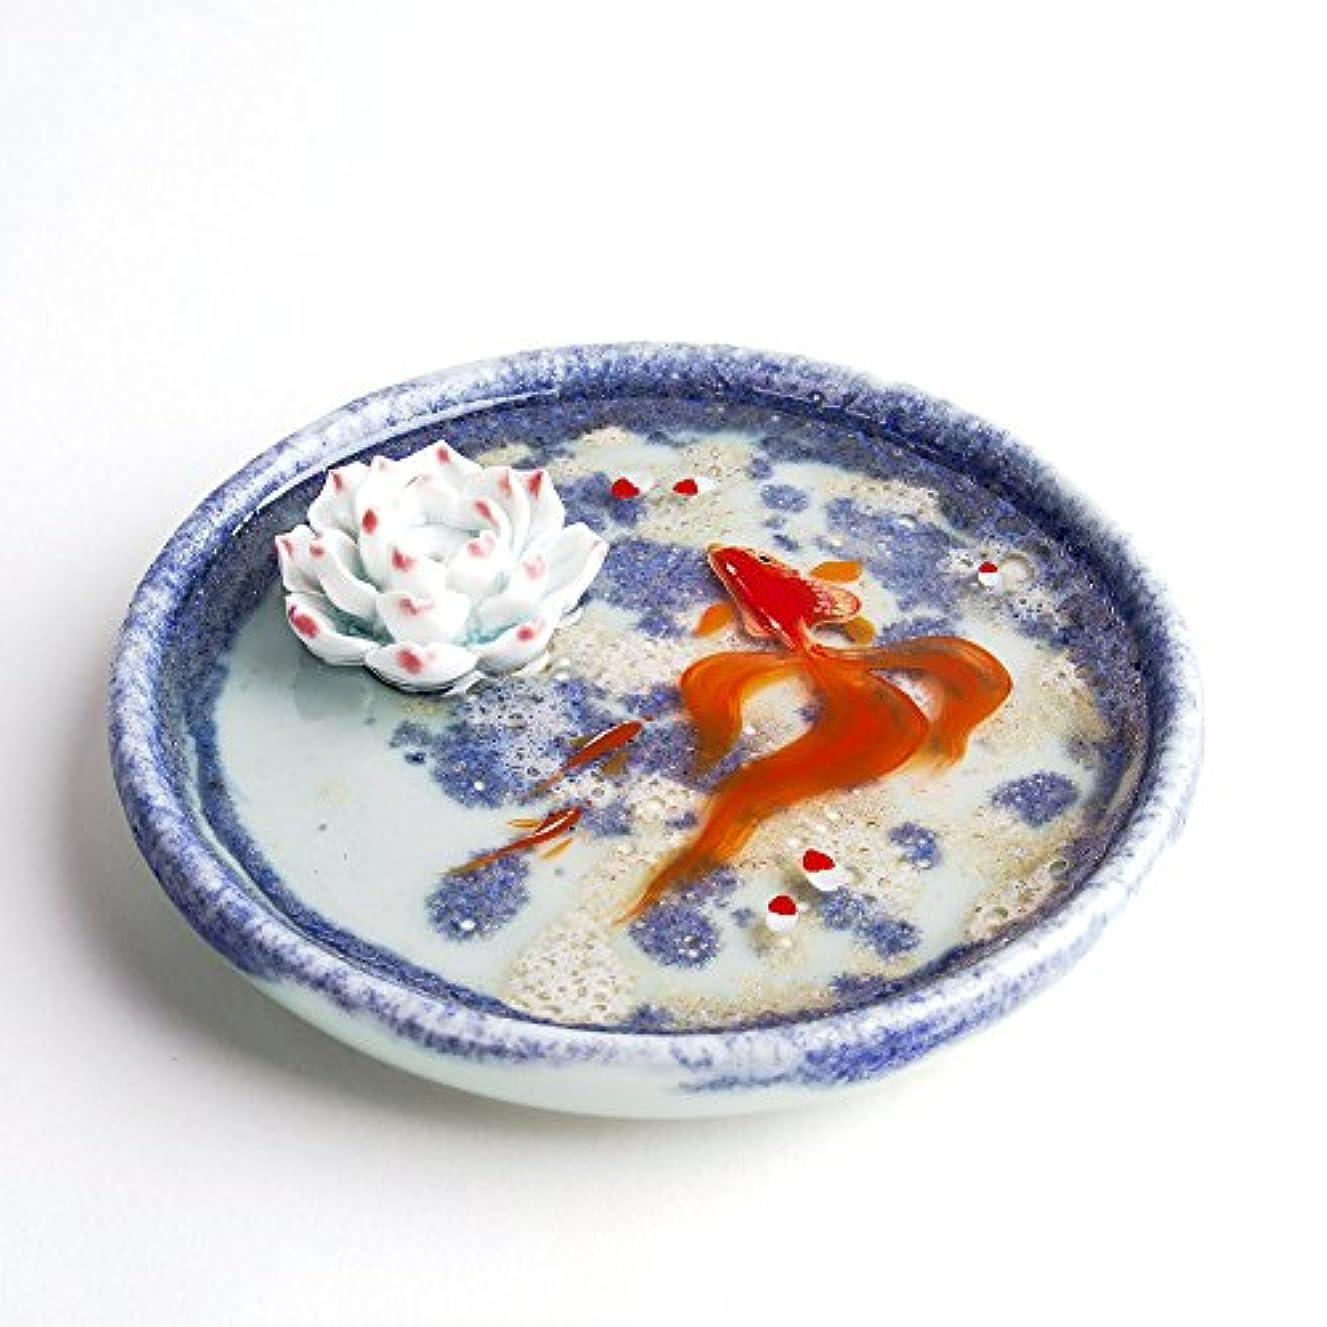 工業化するトークビスケットお香立て お香たて 香の器 お香を焚いて 香皿,陶磁器、ブルー